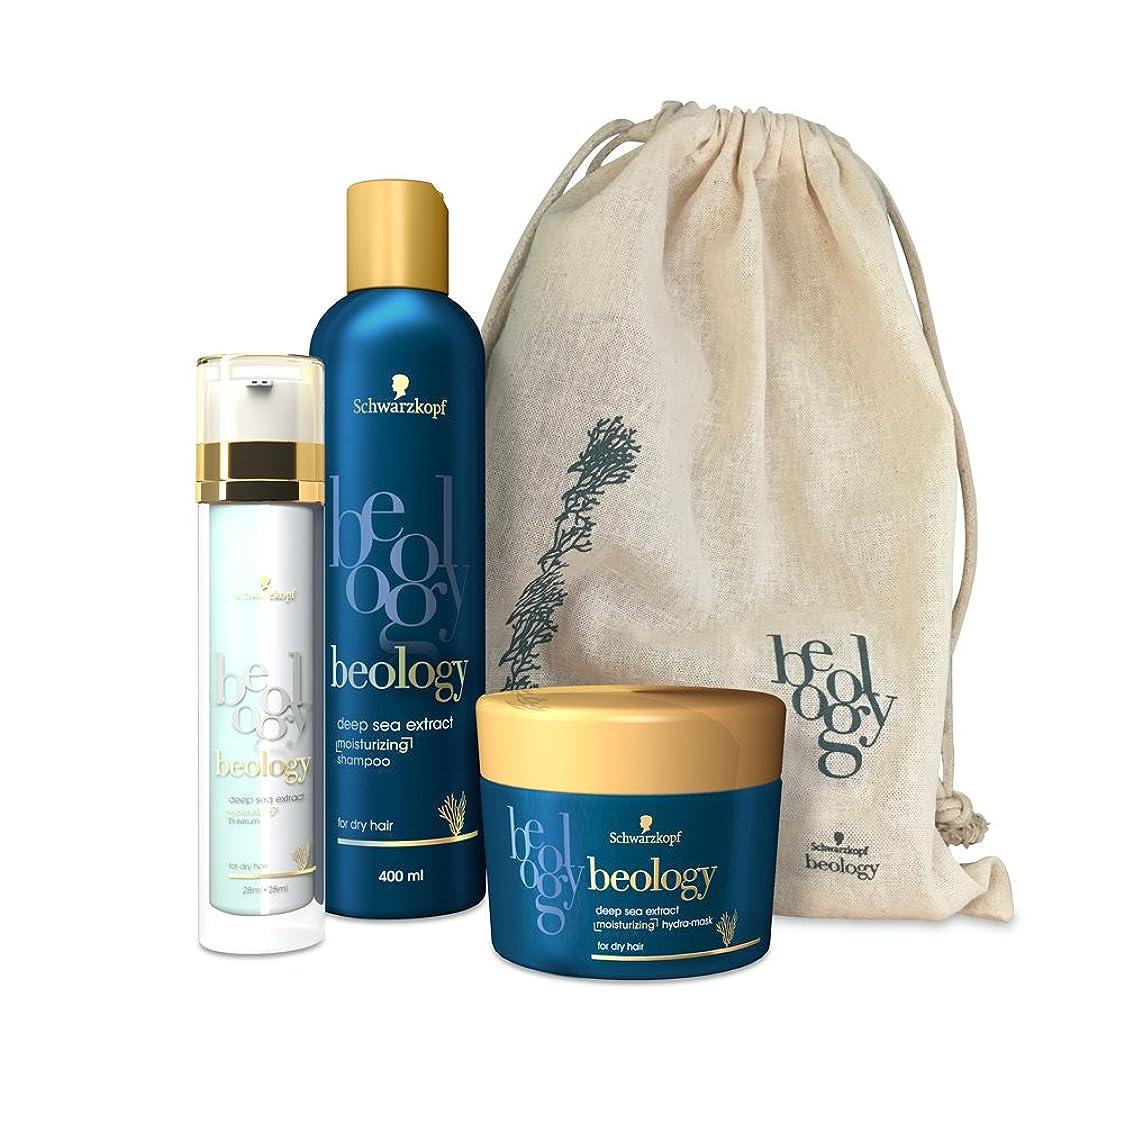 公平揮発性アブストラクトBeology - 3つの保湿製品のセット - バイセラム/シャンプー/マスク - ヘアケア用ディスカバリーバッグ